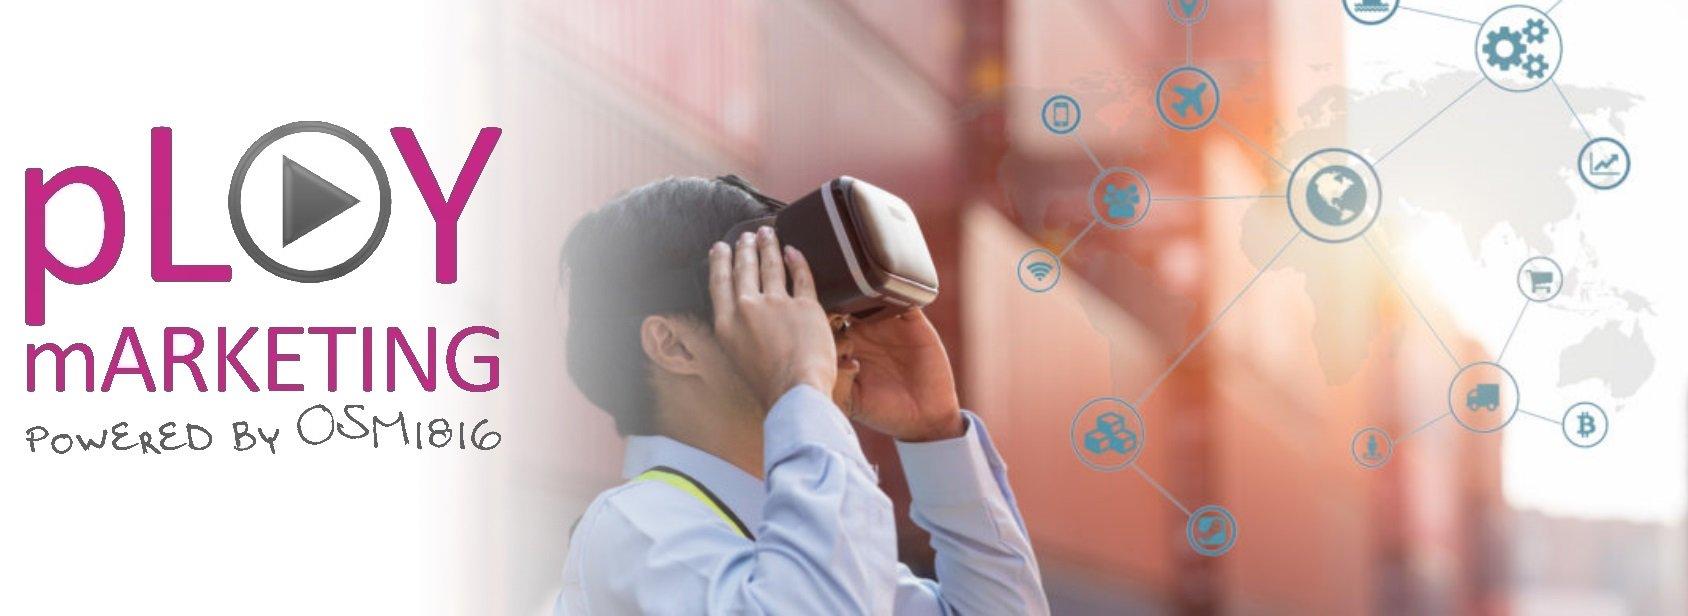 La realtà virtuale rivoluziona gli autotrasporti